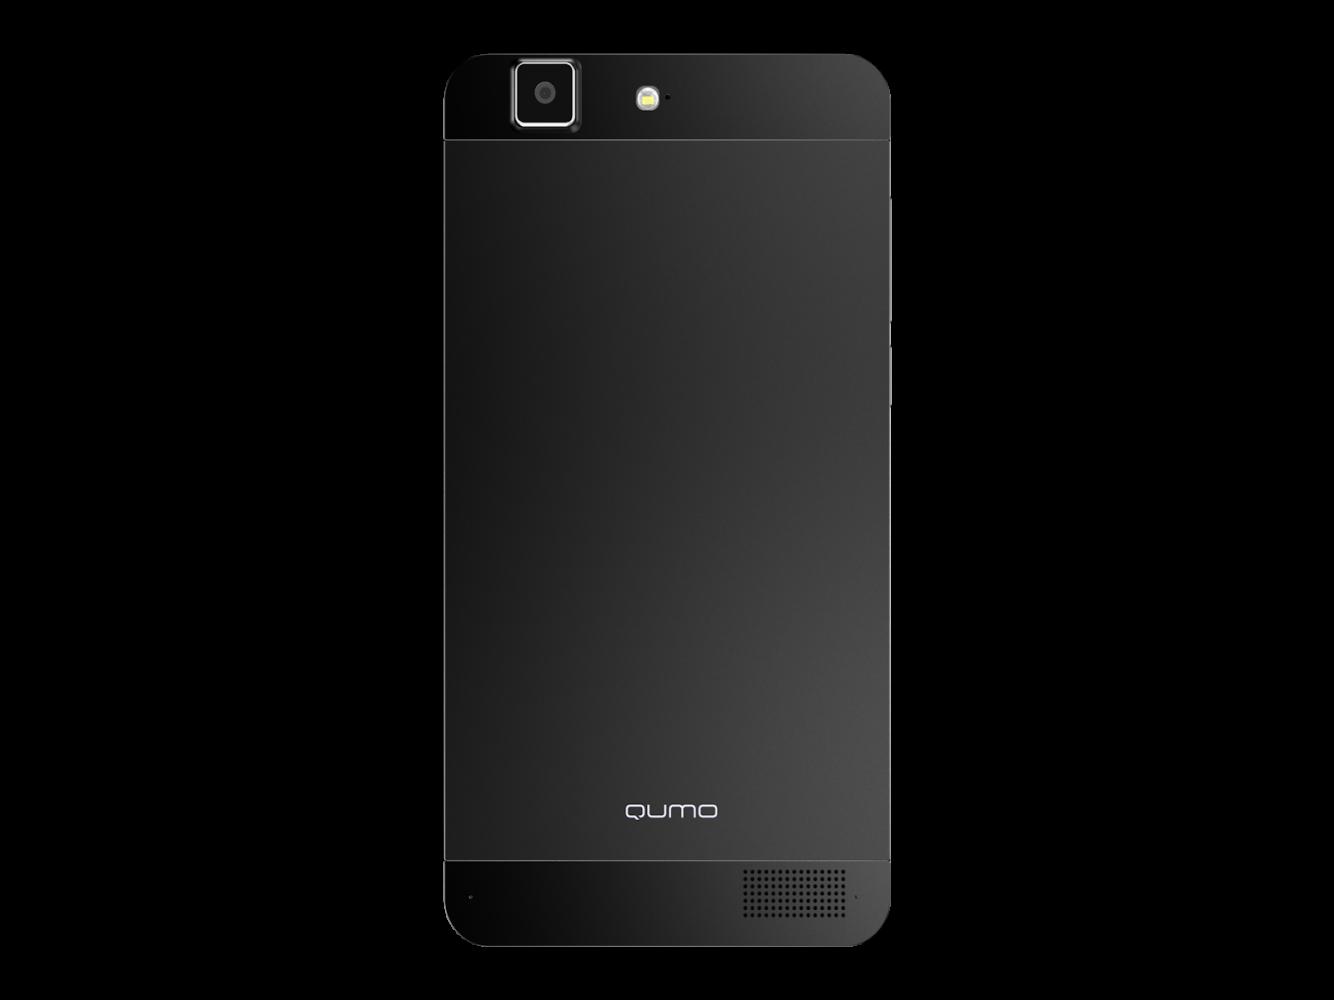 Мобильный телефон Qumo Quest 507 Black - 4